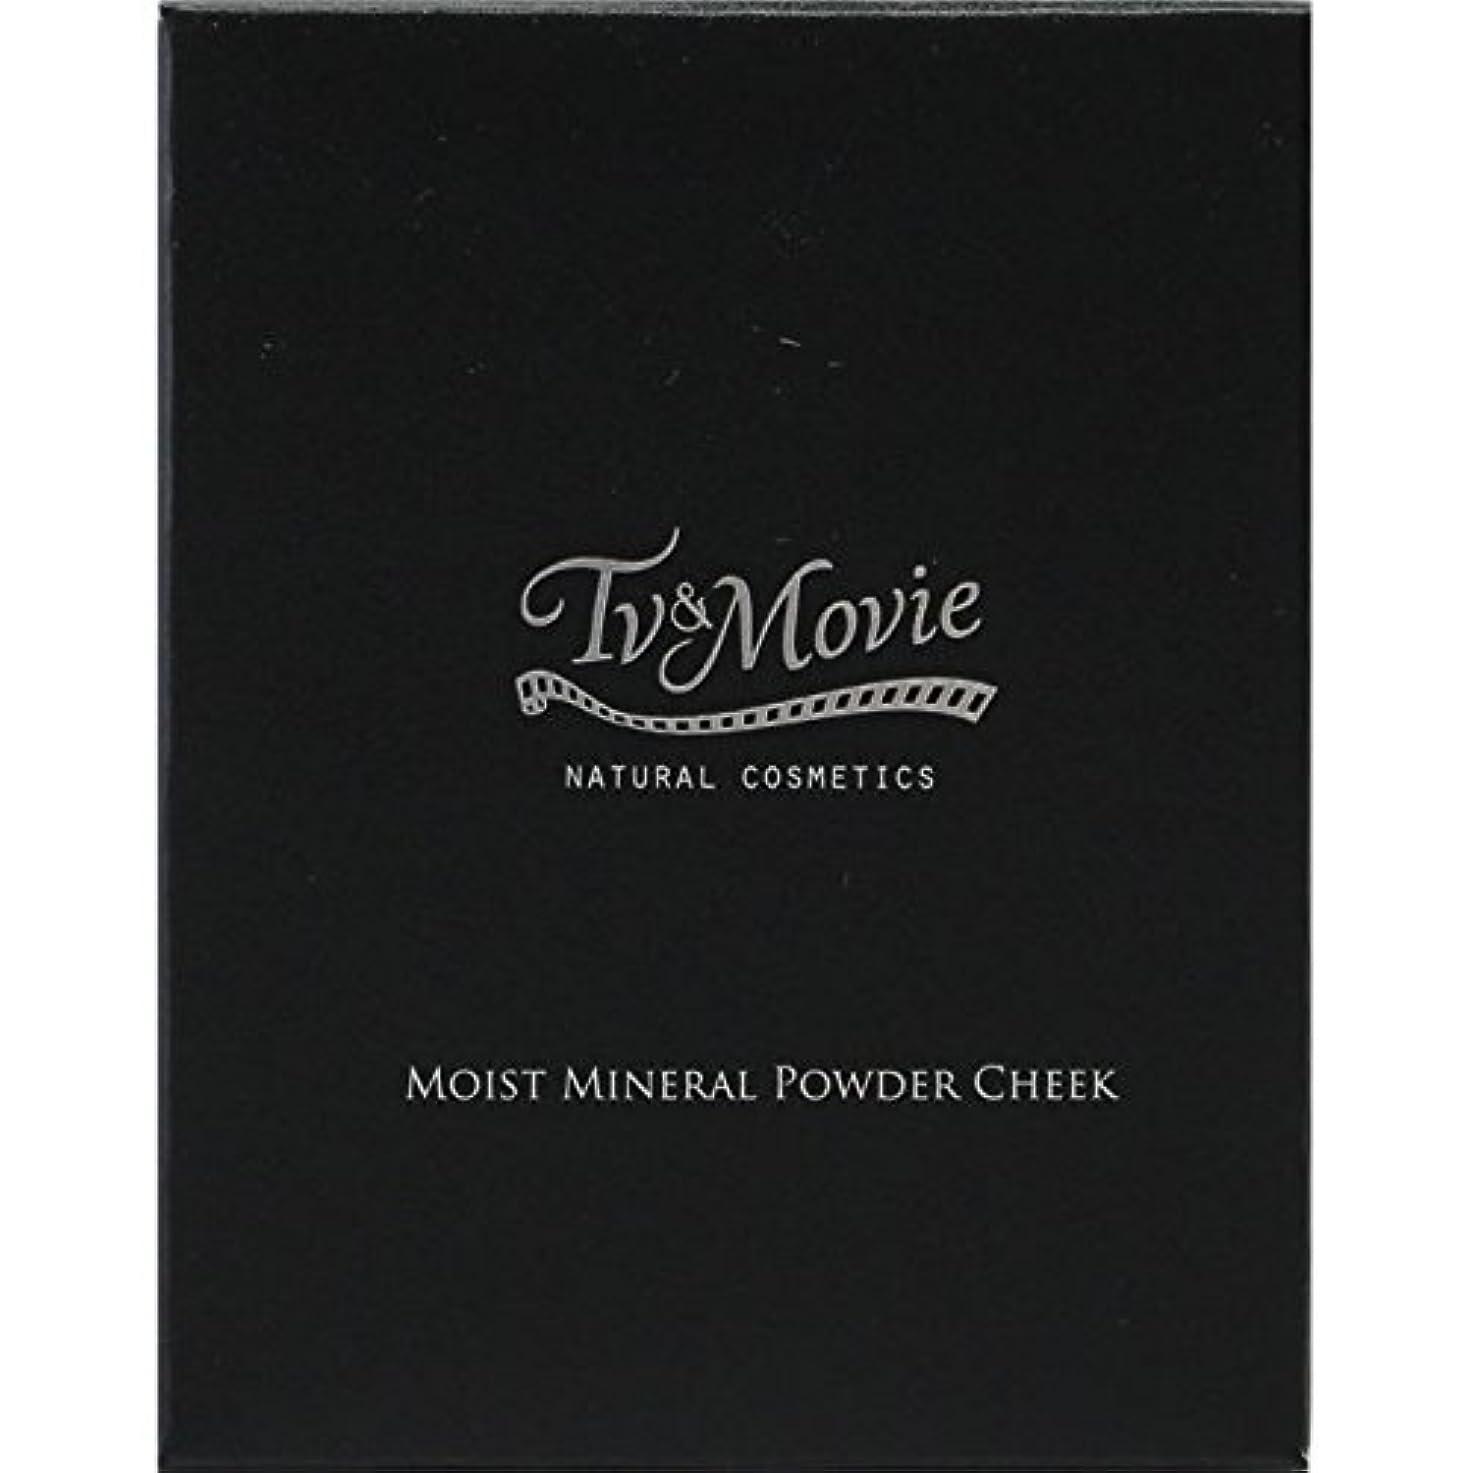 彫るバリケードによると【TV&MOVIE(ティビーアンドムービー)  】モイストミネラル パウダーチーク 5g (01エレガントピンク)